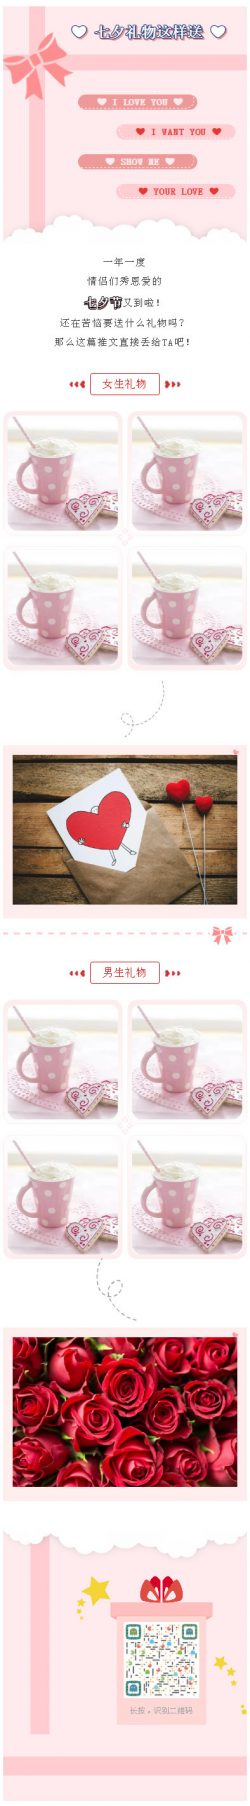 微信七夕情人节模板情人节礼物粉红色风格微信公众号推文素材模板